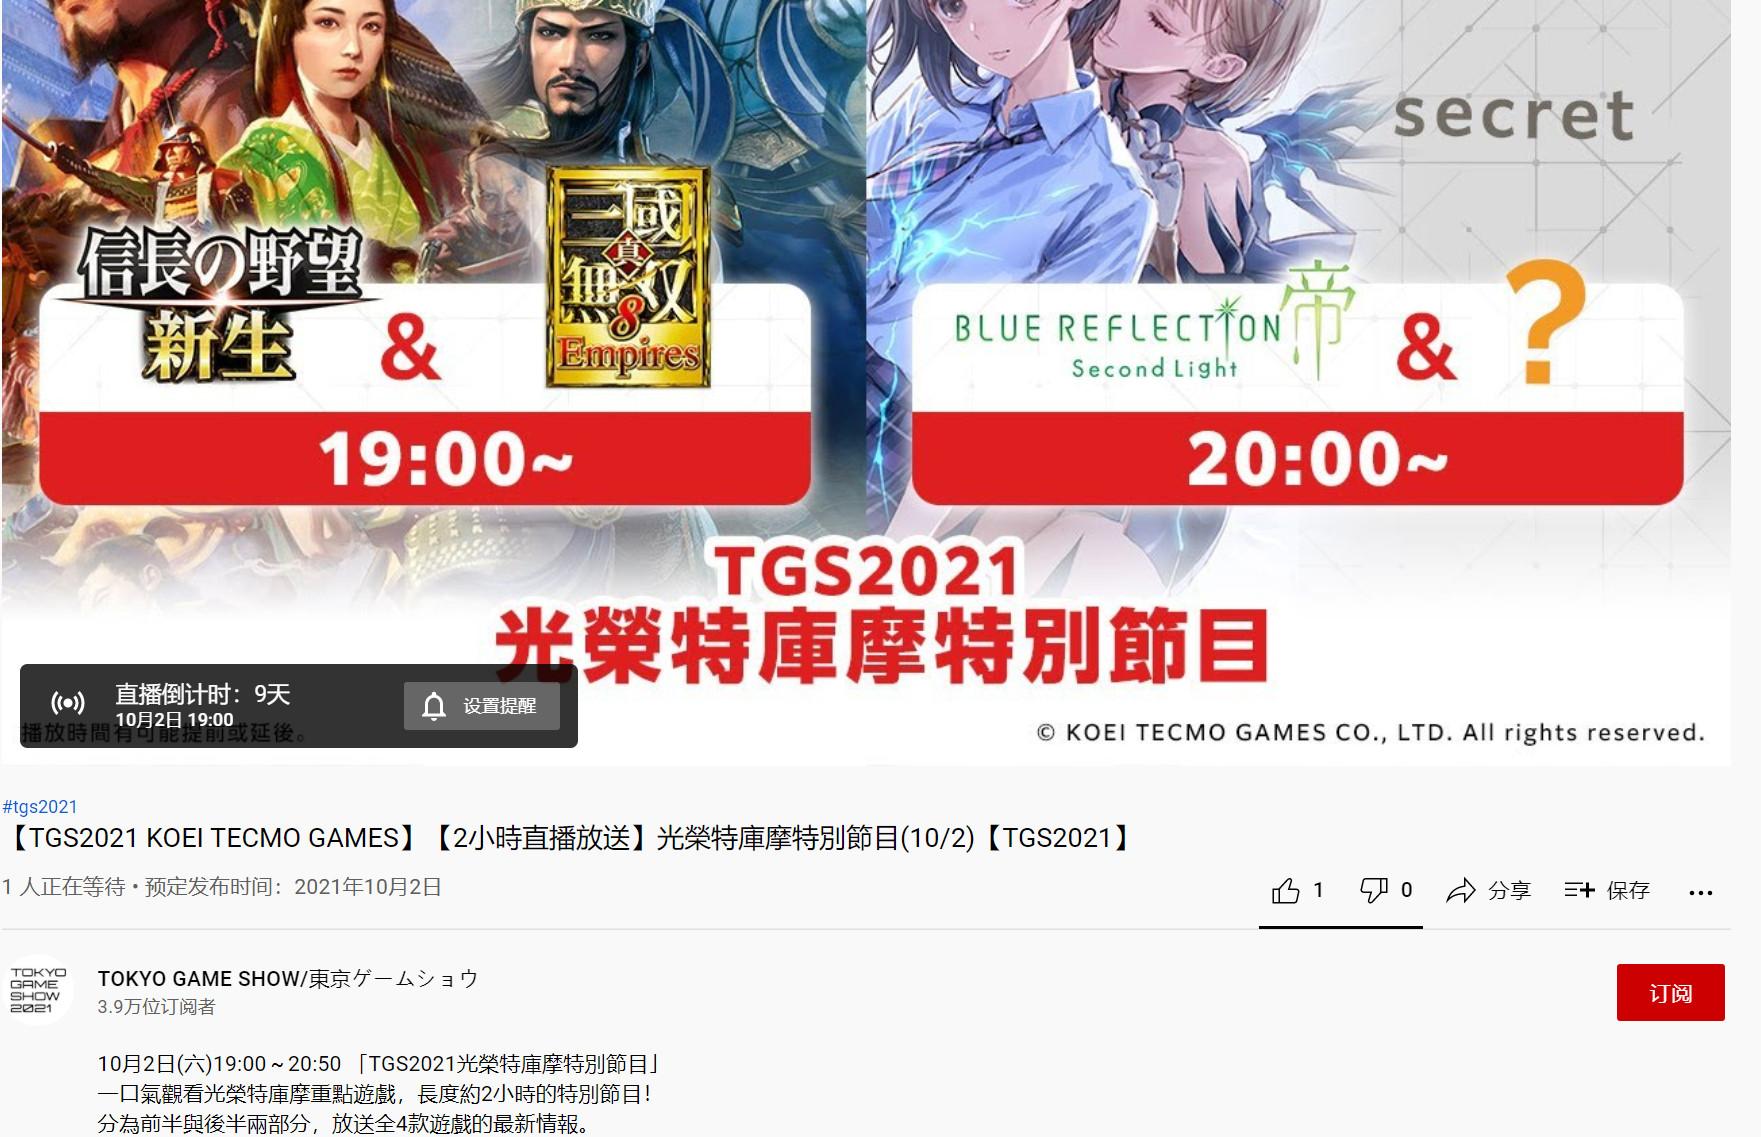 《真三国无双8:帝国》将在TGS公开发售日和新演示